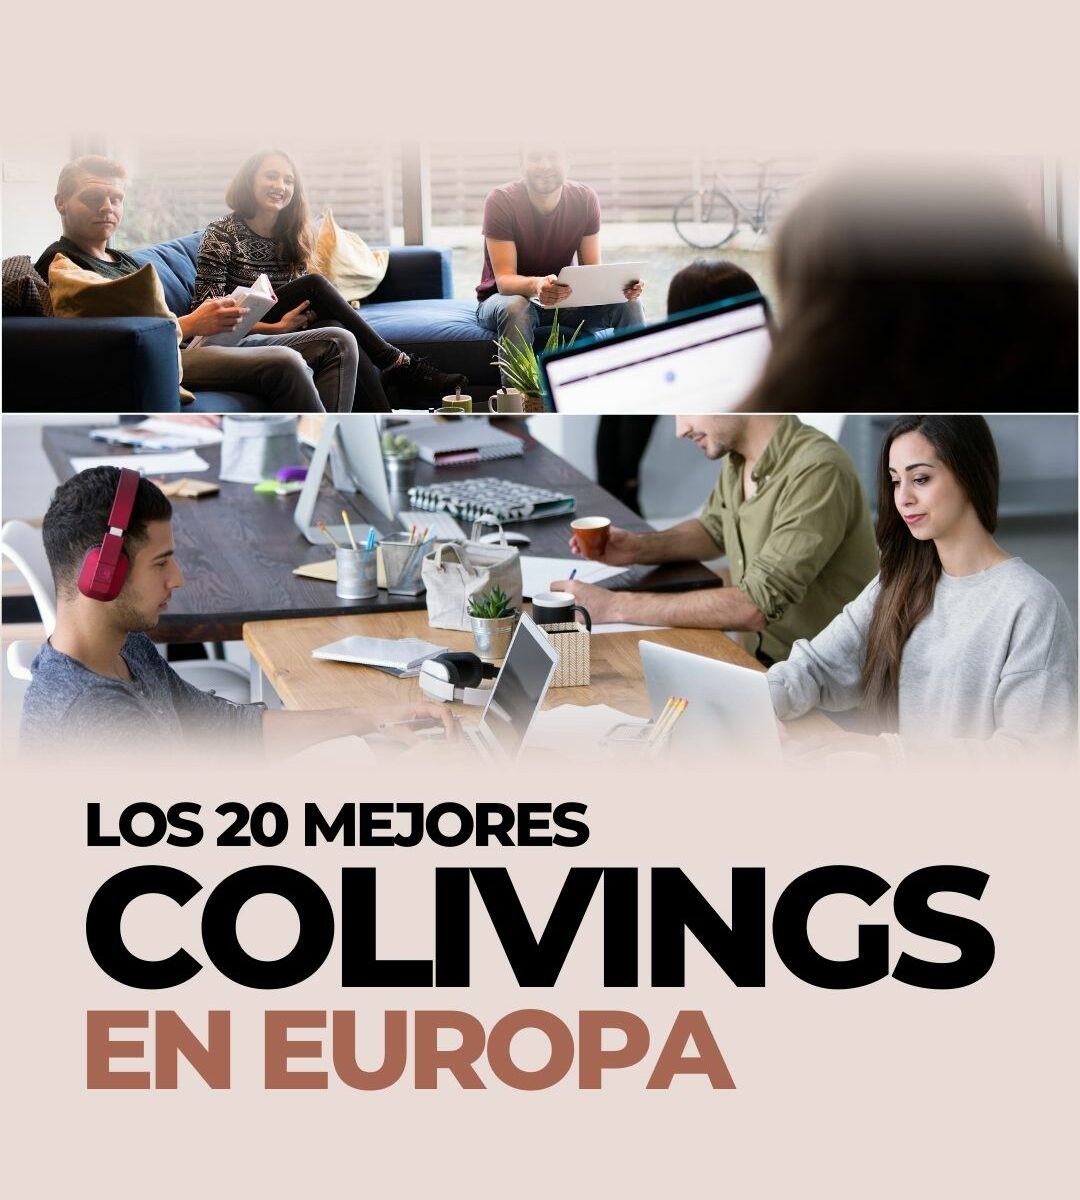 Mejores Hostels de Europa y Colivings